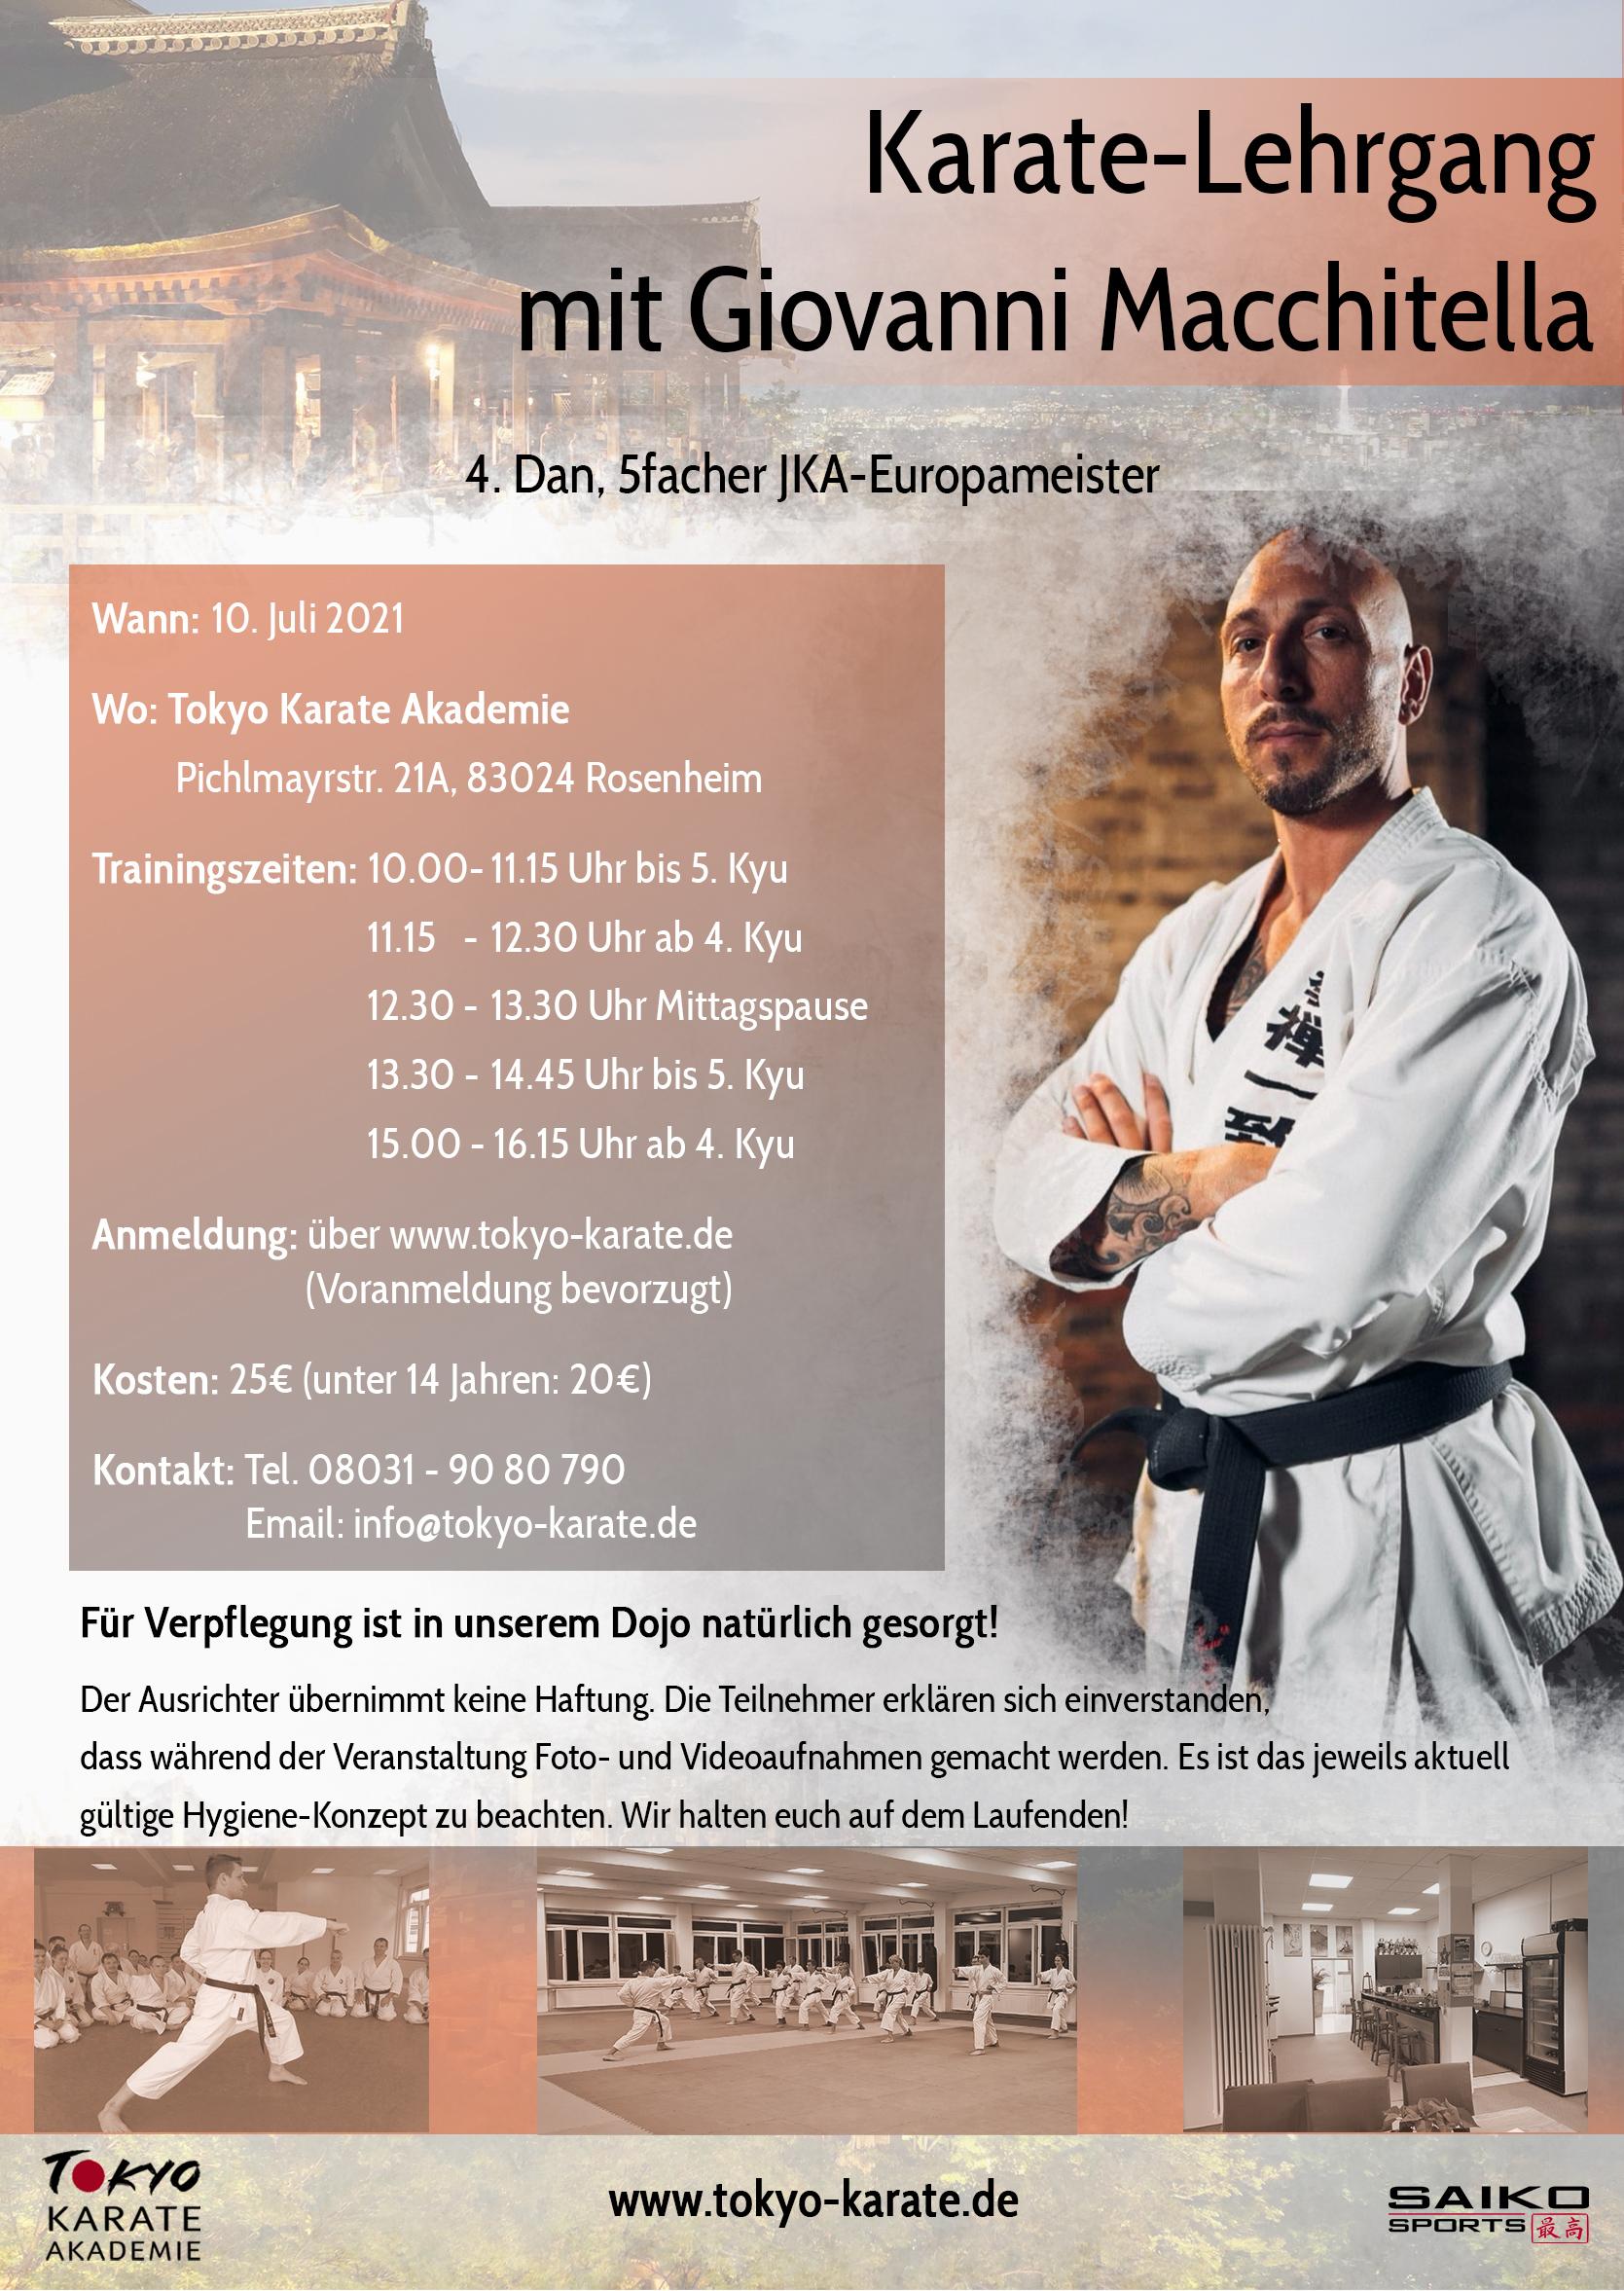 Lehrgangsausschreibung Karatelehrgang